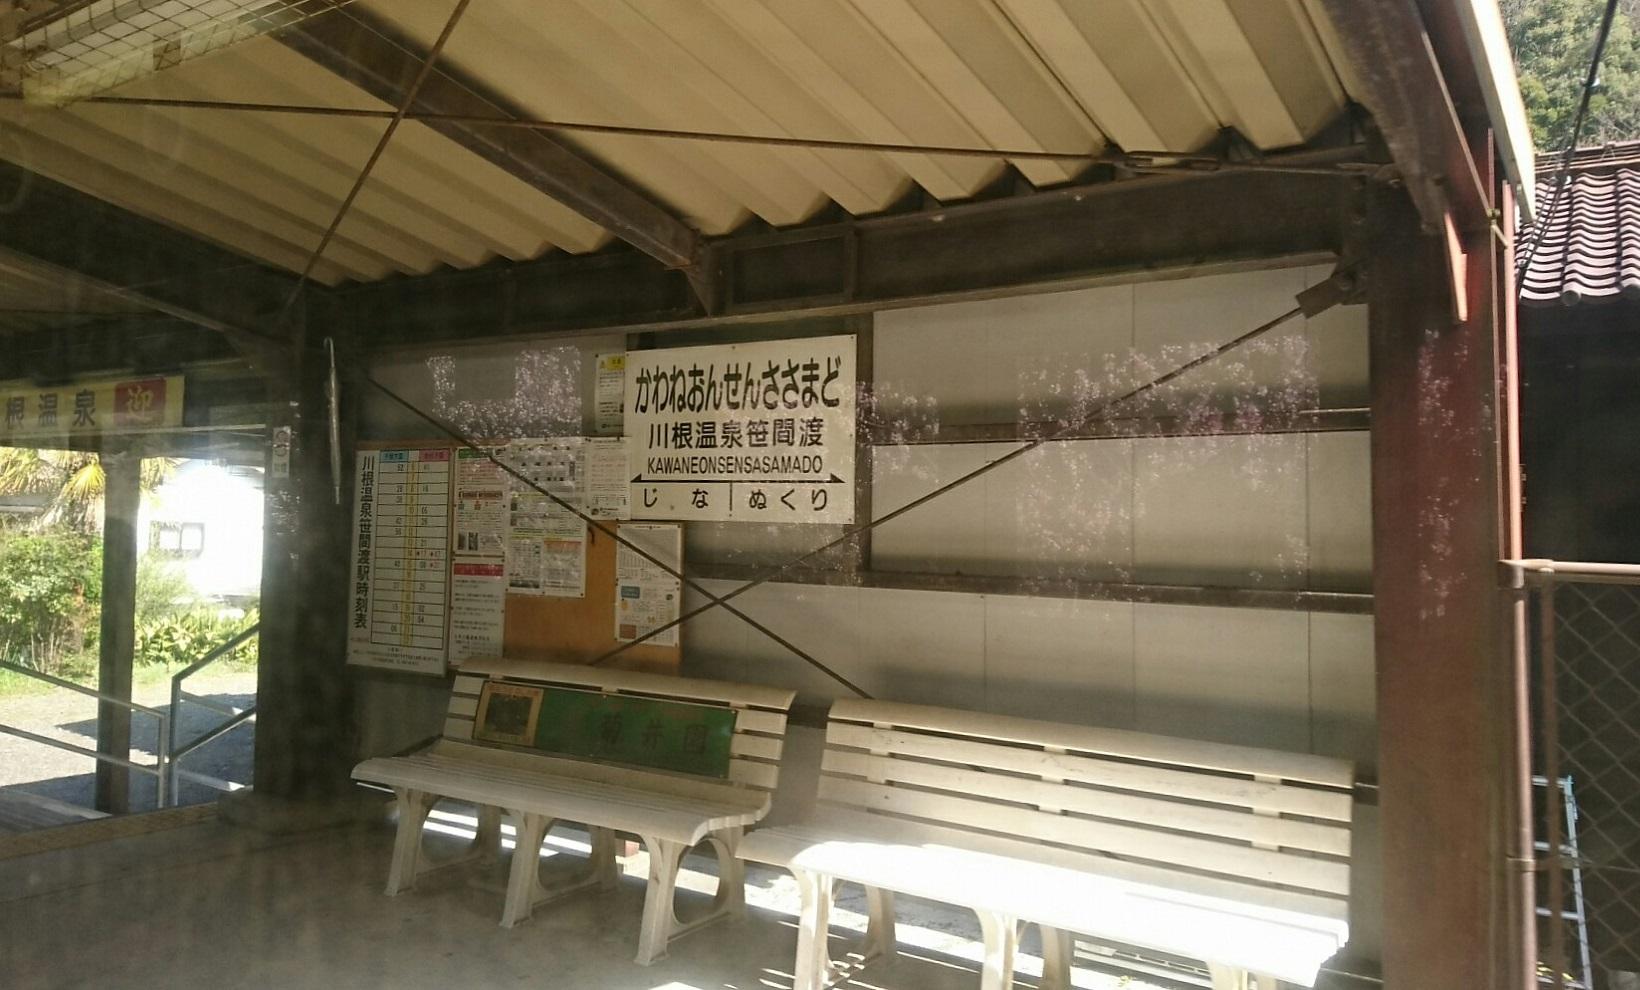 2018.3.28 大井川本線 (39) 千頭いきふつう - 川根温泉笹間渡 1640-990